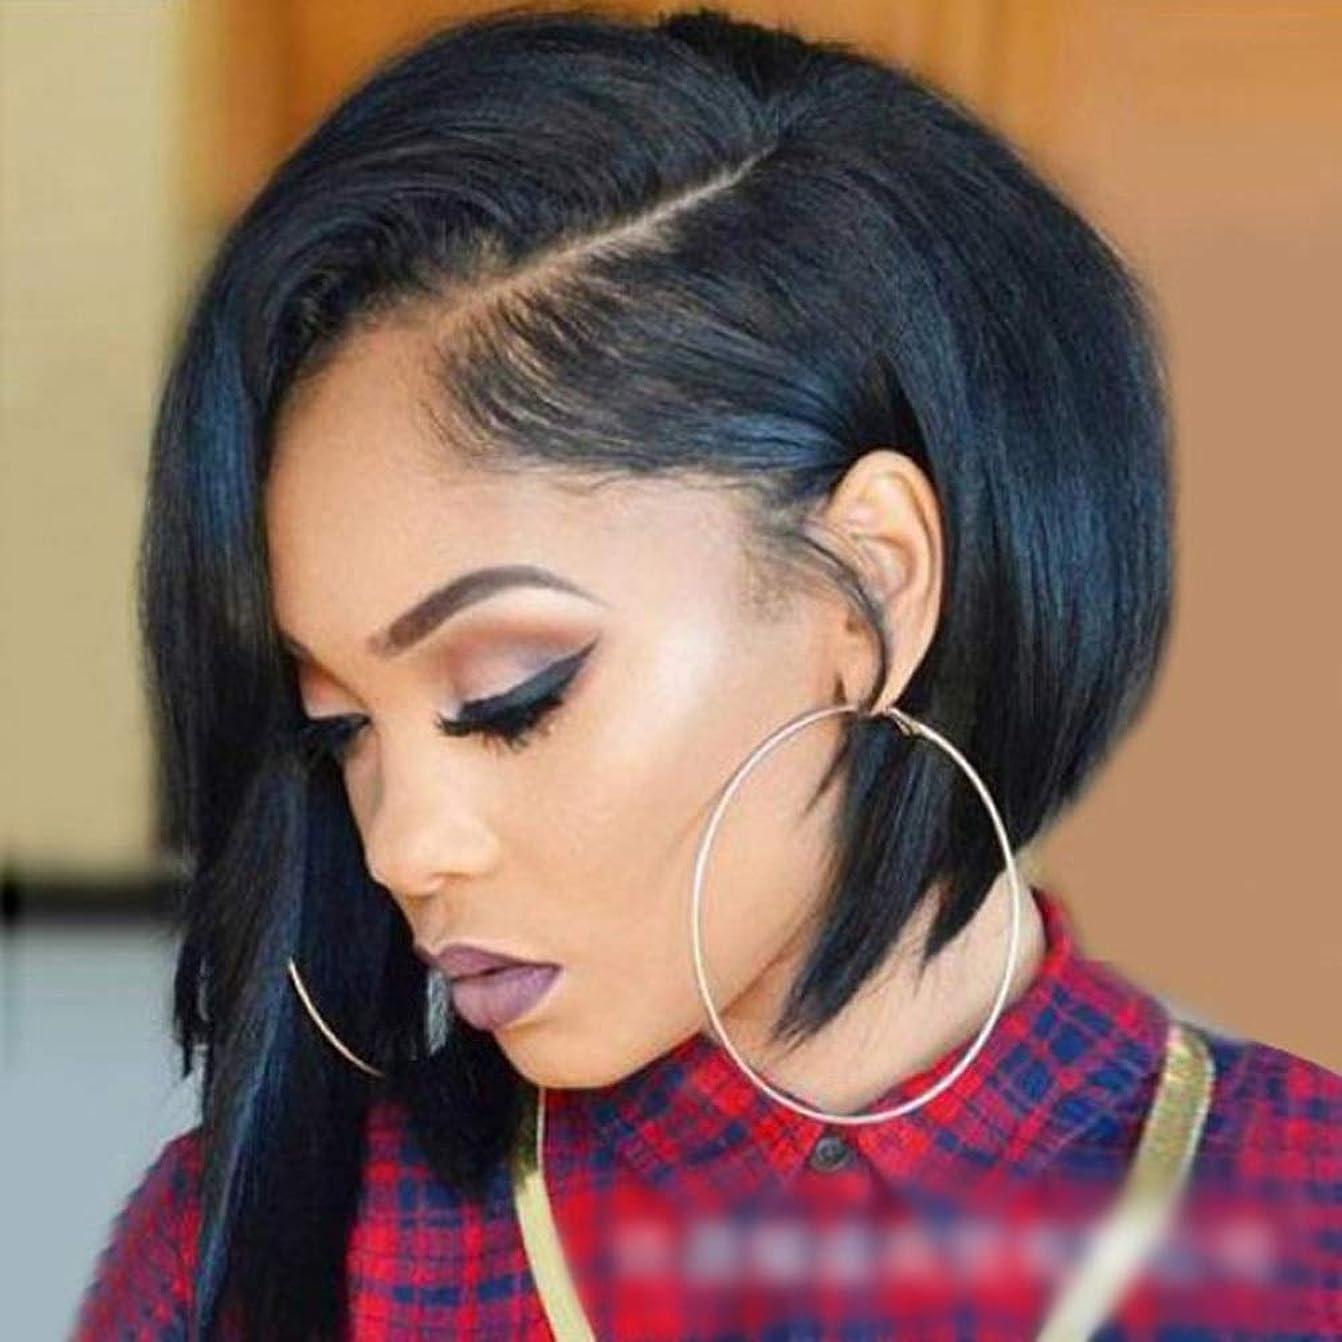 存在模索染色BOBIDYEE 女性のシルキーストレートショートヘアサイドパーツかつら自然に見えるレースフロントかつら100%本物の人間の毛髪の半分レースかつらパーティーかつら (色 : 黒)